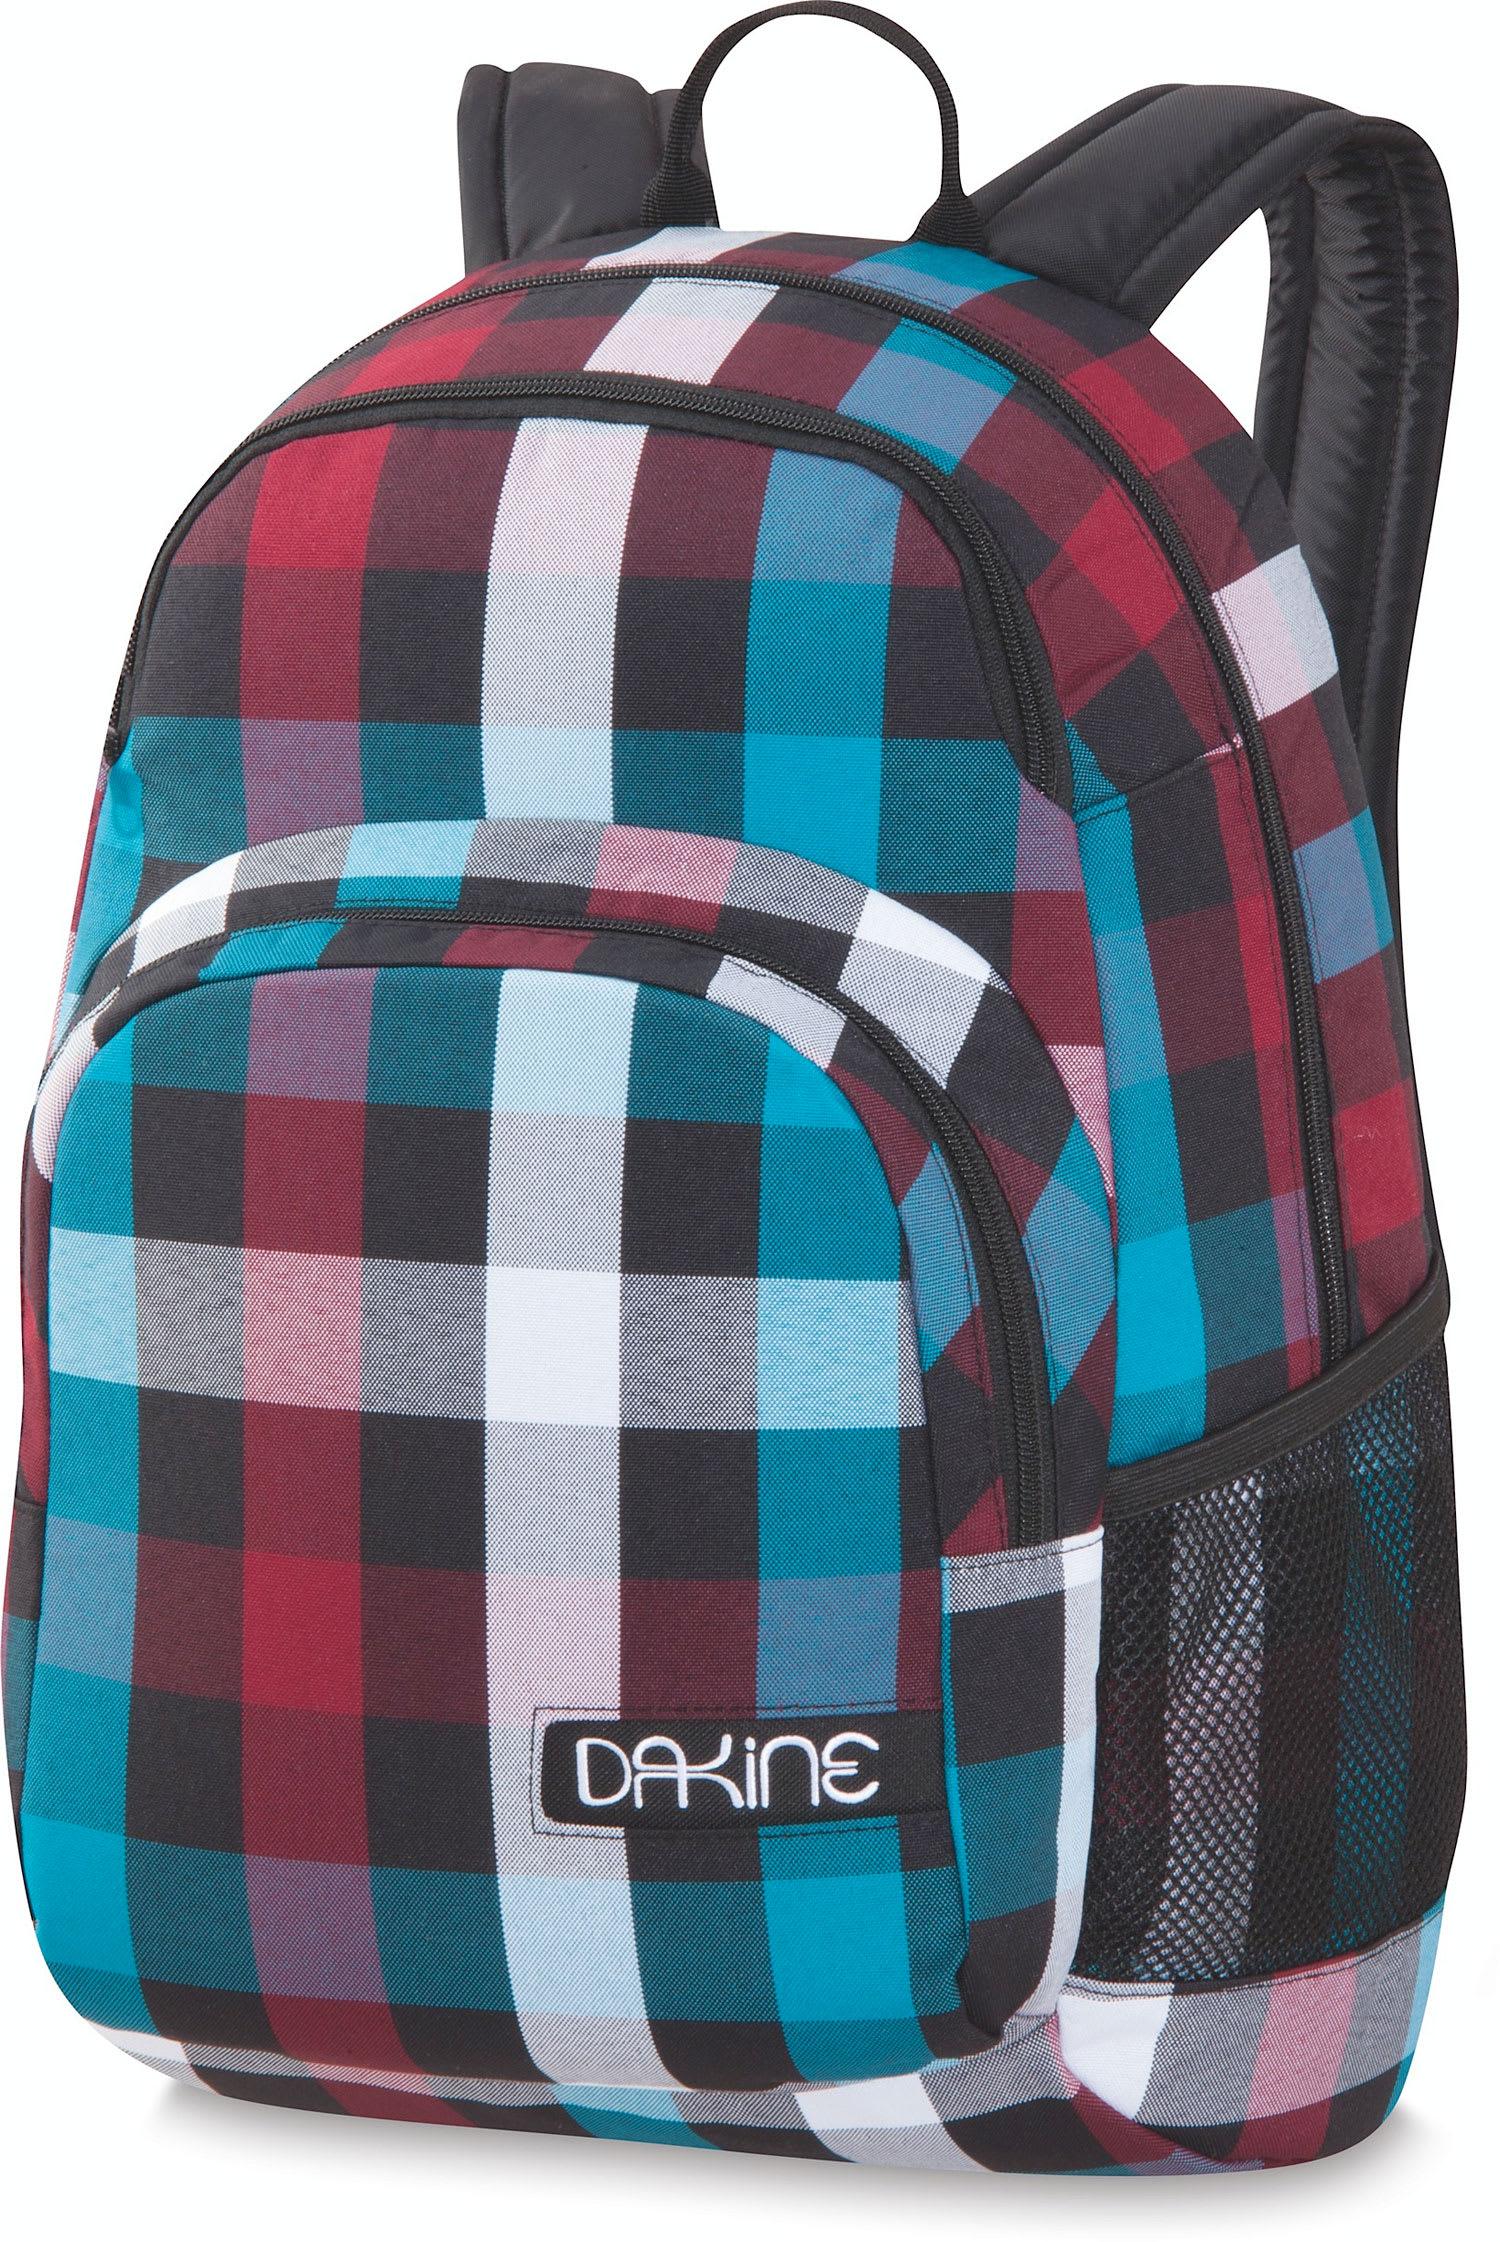 Dakine Hana 26L Backpack Highland